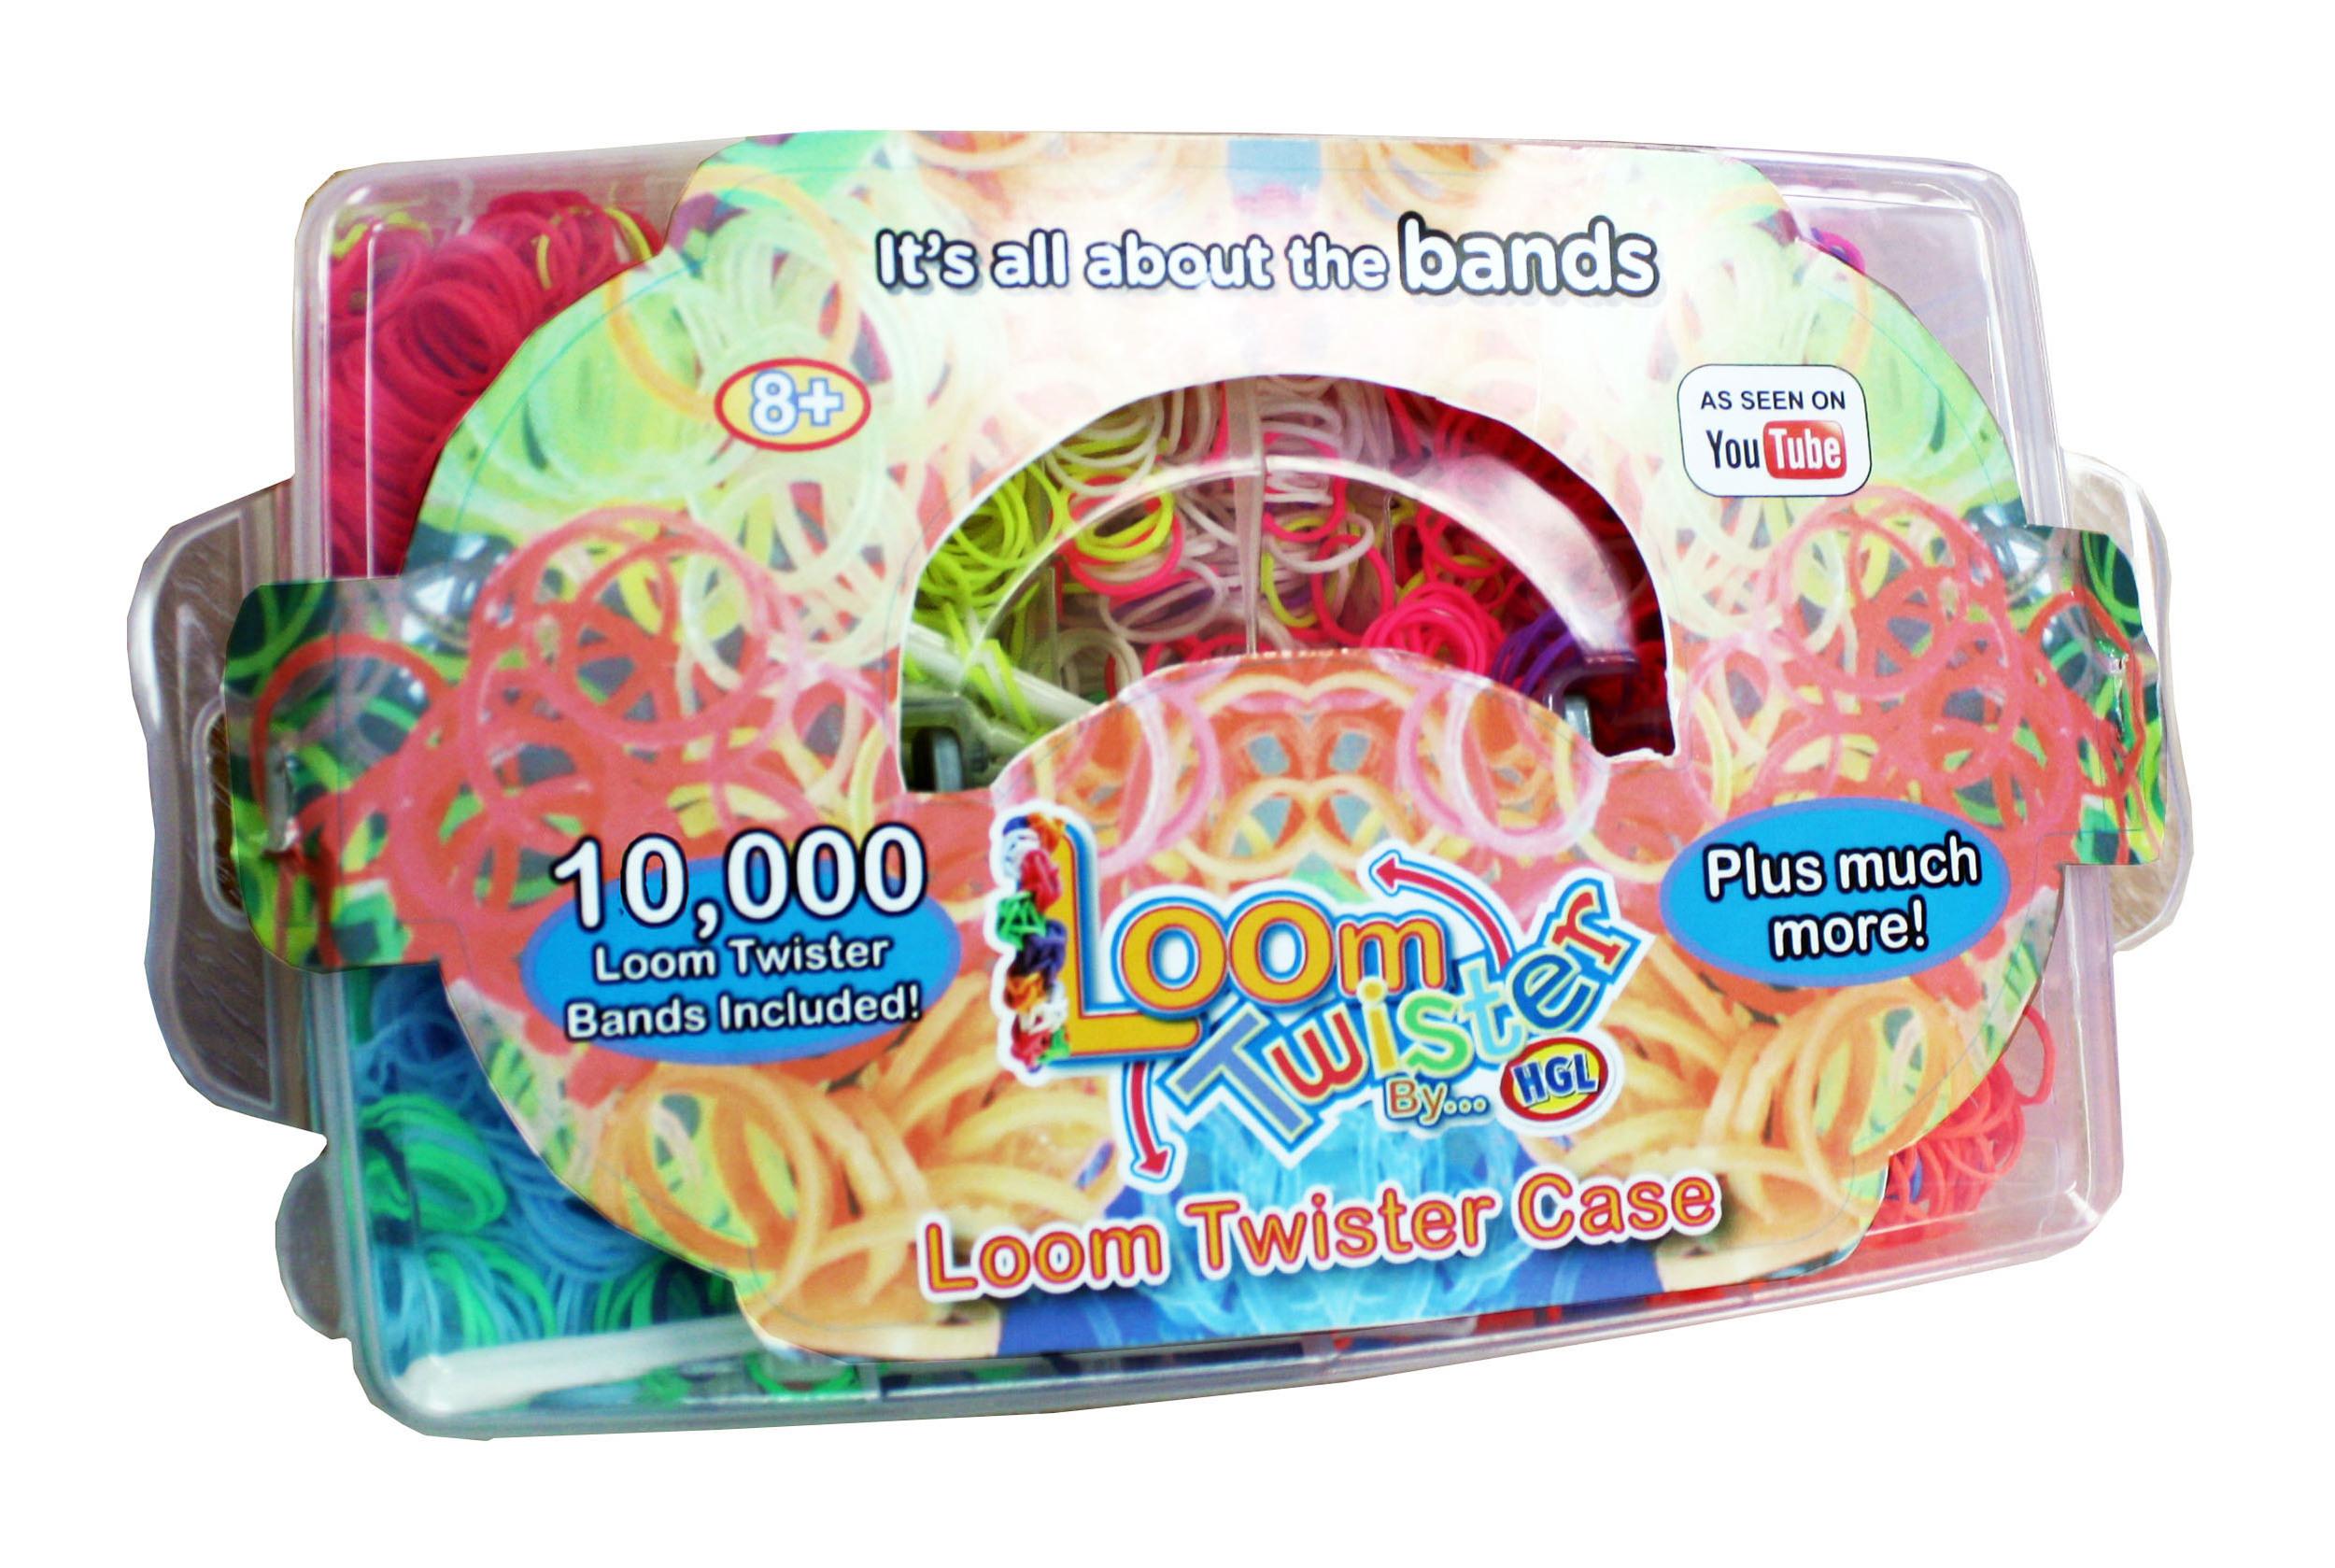 Loom Twister Case